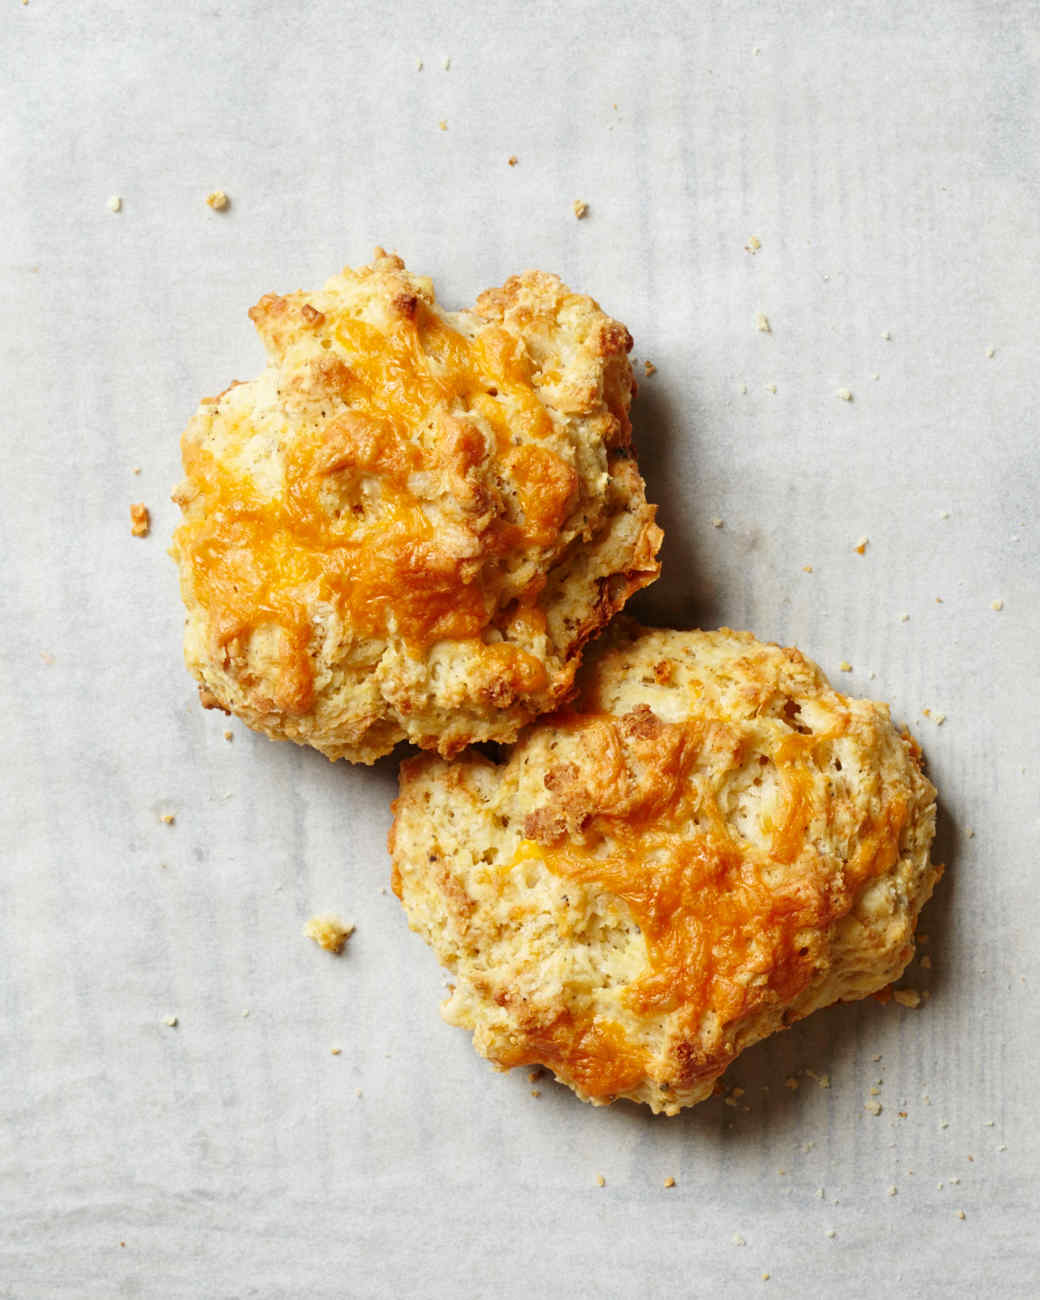 biscuits-160-d111230-1114.jpg